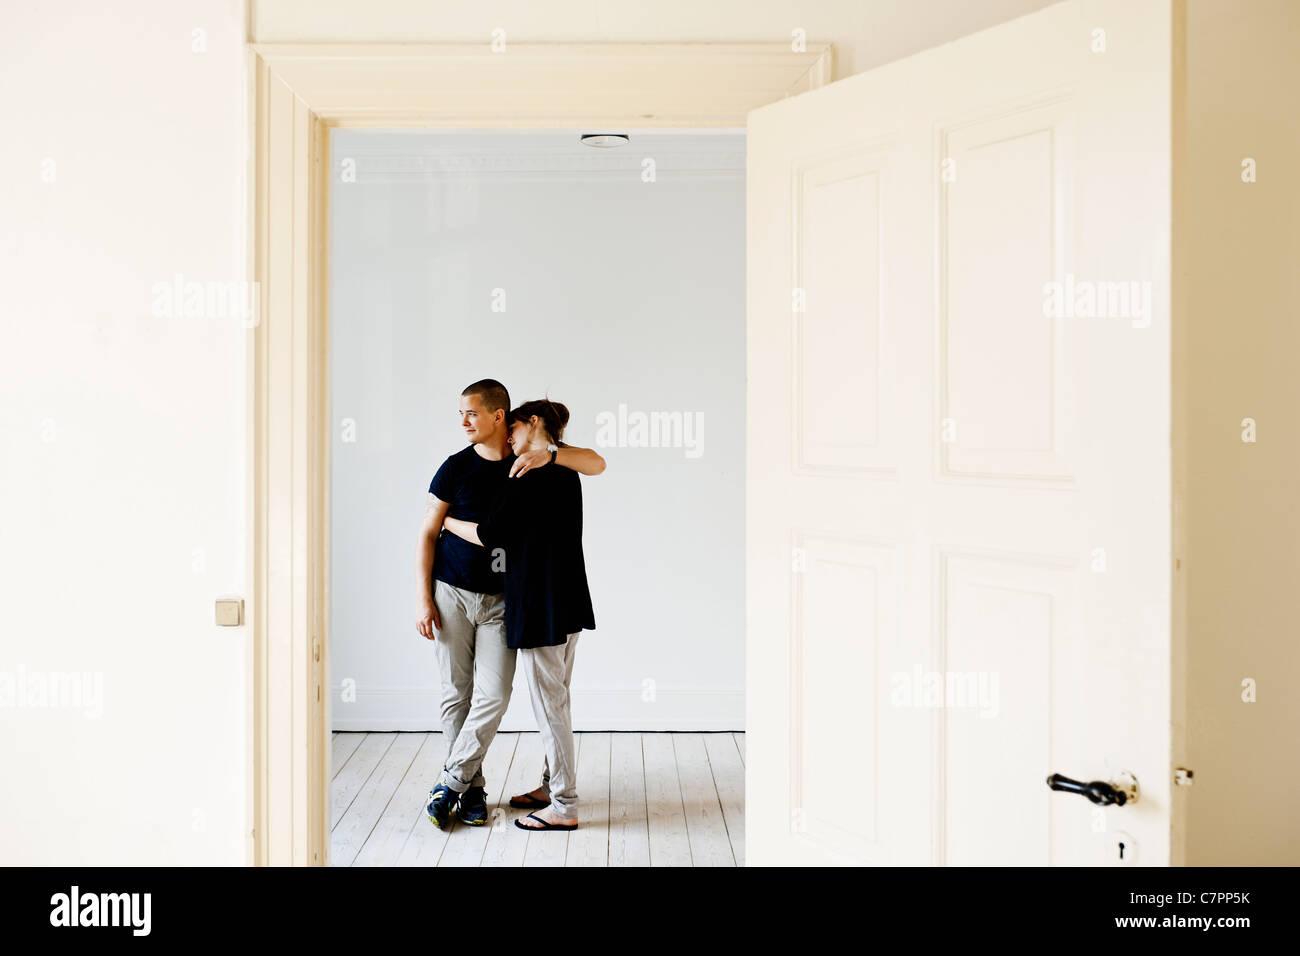 Paar umarmt im neuen Zuhause Stockbild